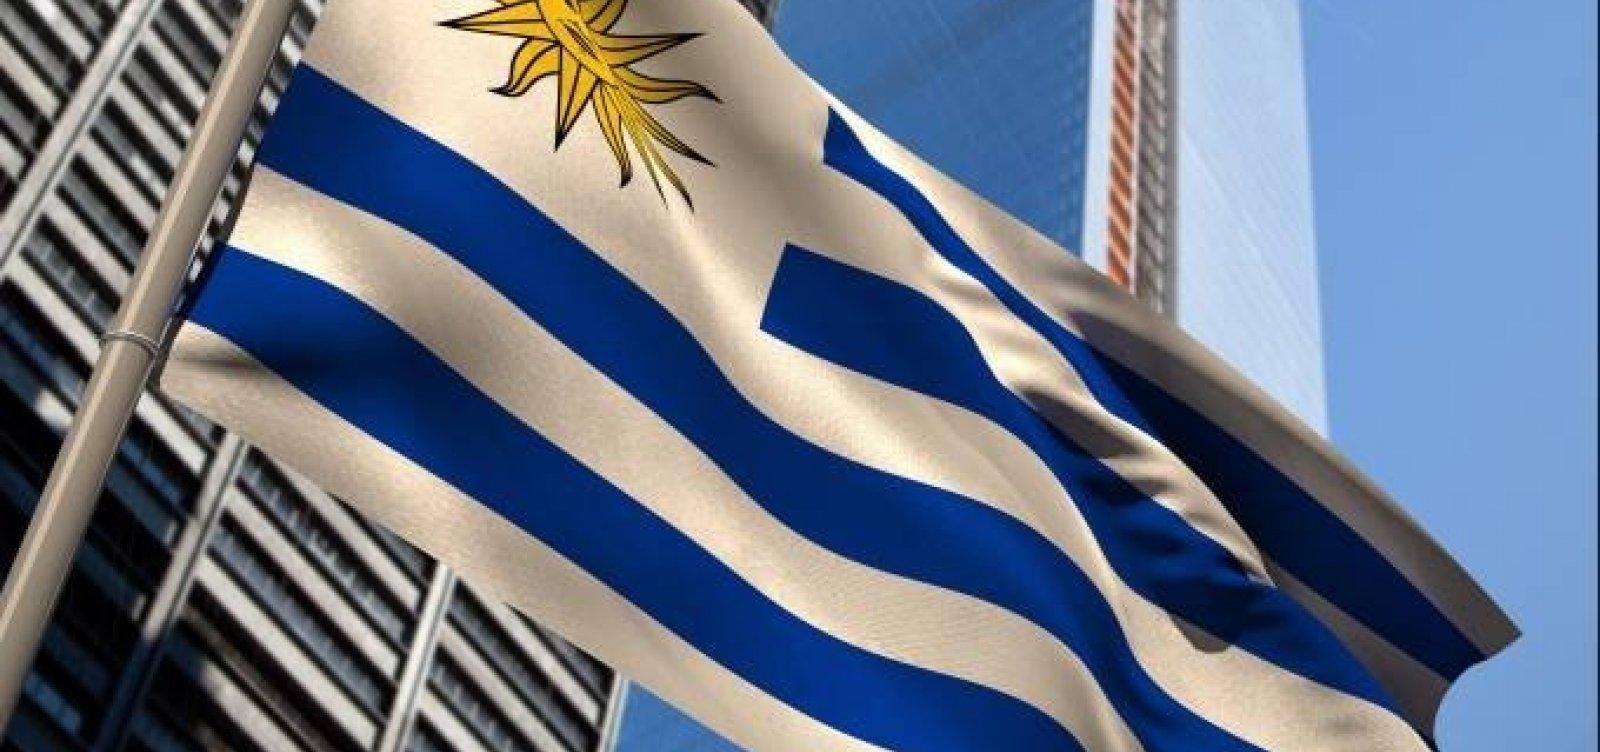 [Uruguaios votam hoje novo presidente do país e referendo 'Viver sem Medo']